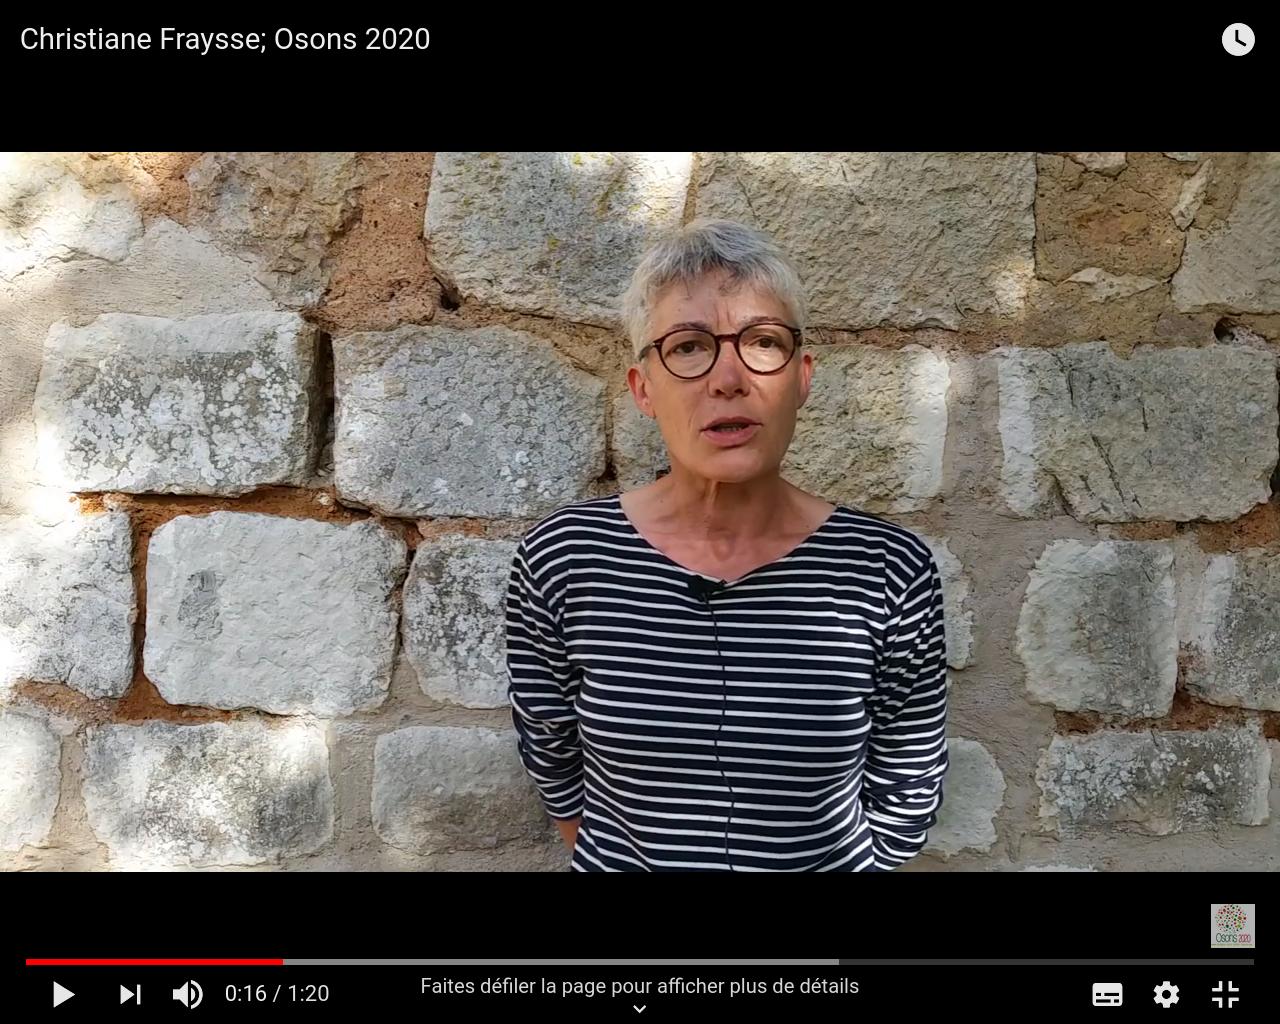 Déclaration de Christiane Fraysse, Osons 2020, pour la fusion au deuxième tour